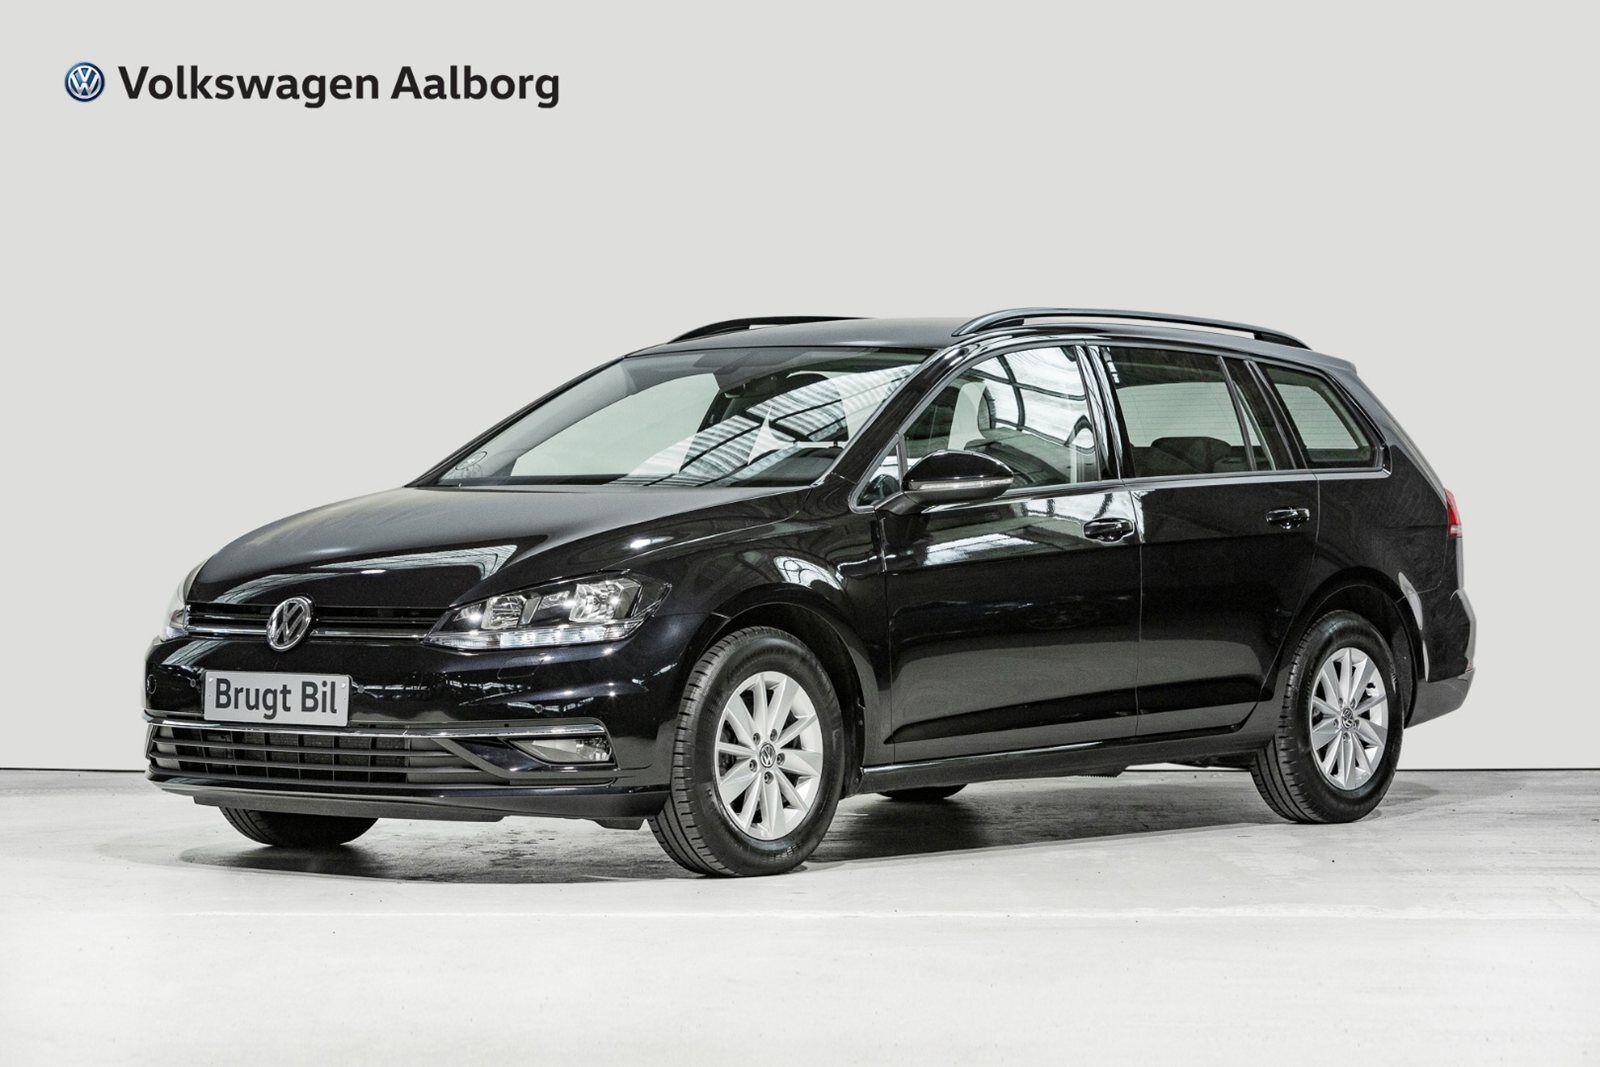 VW Golf VII 1,6 TDi 115 Comfortl. Variant 5d - 250.000 kr.